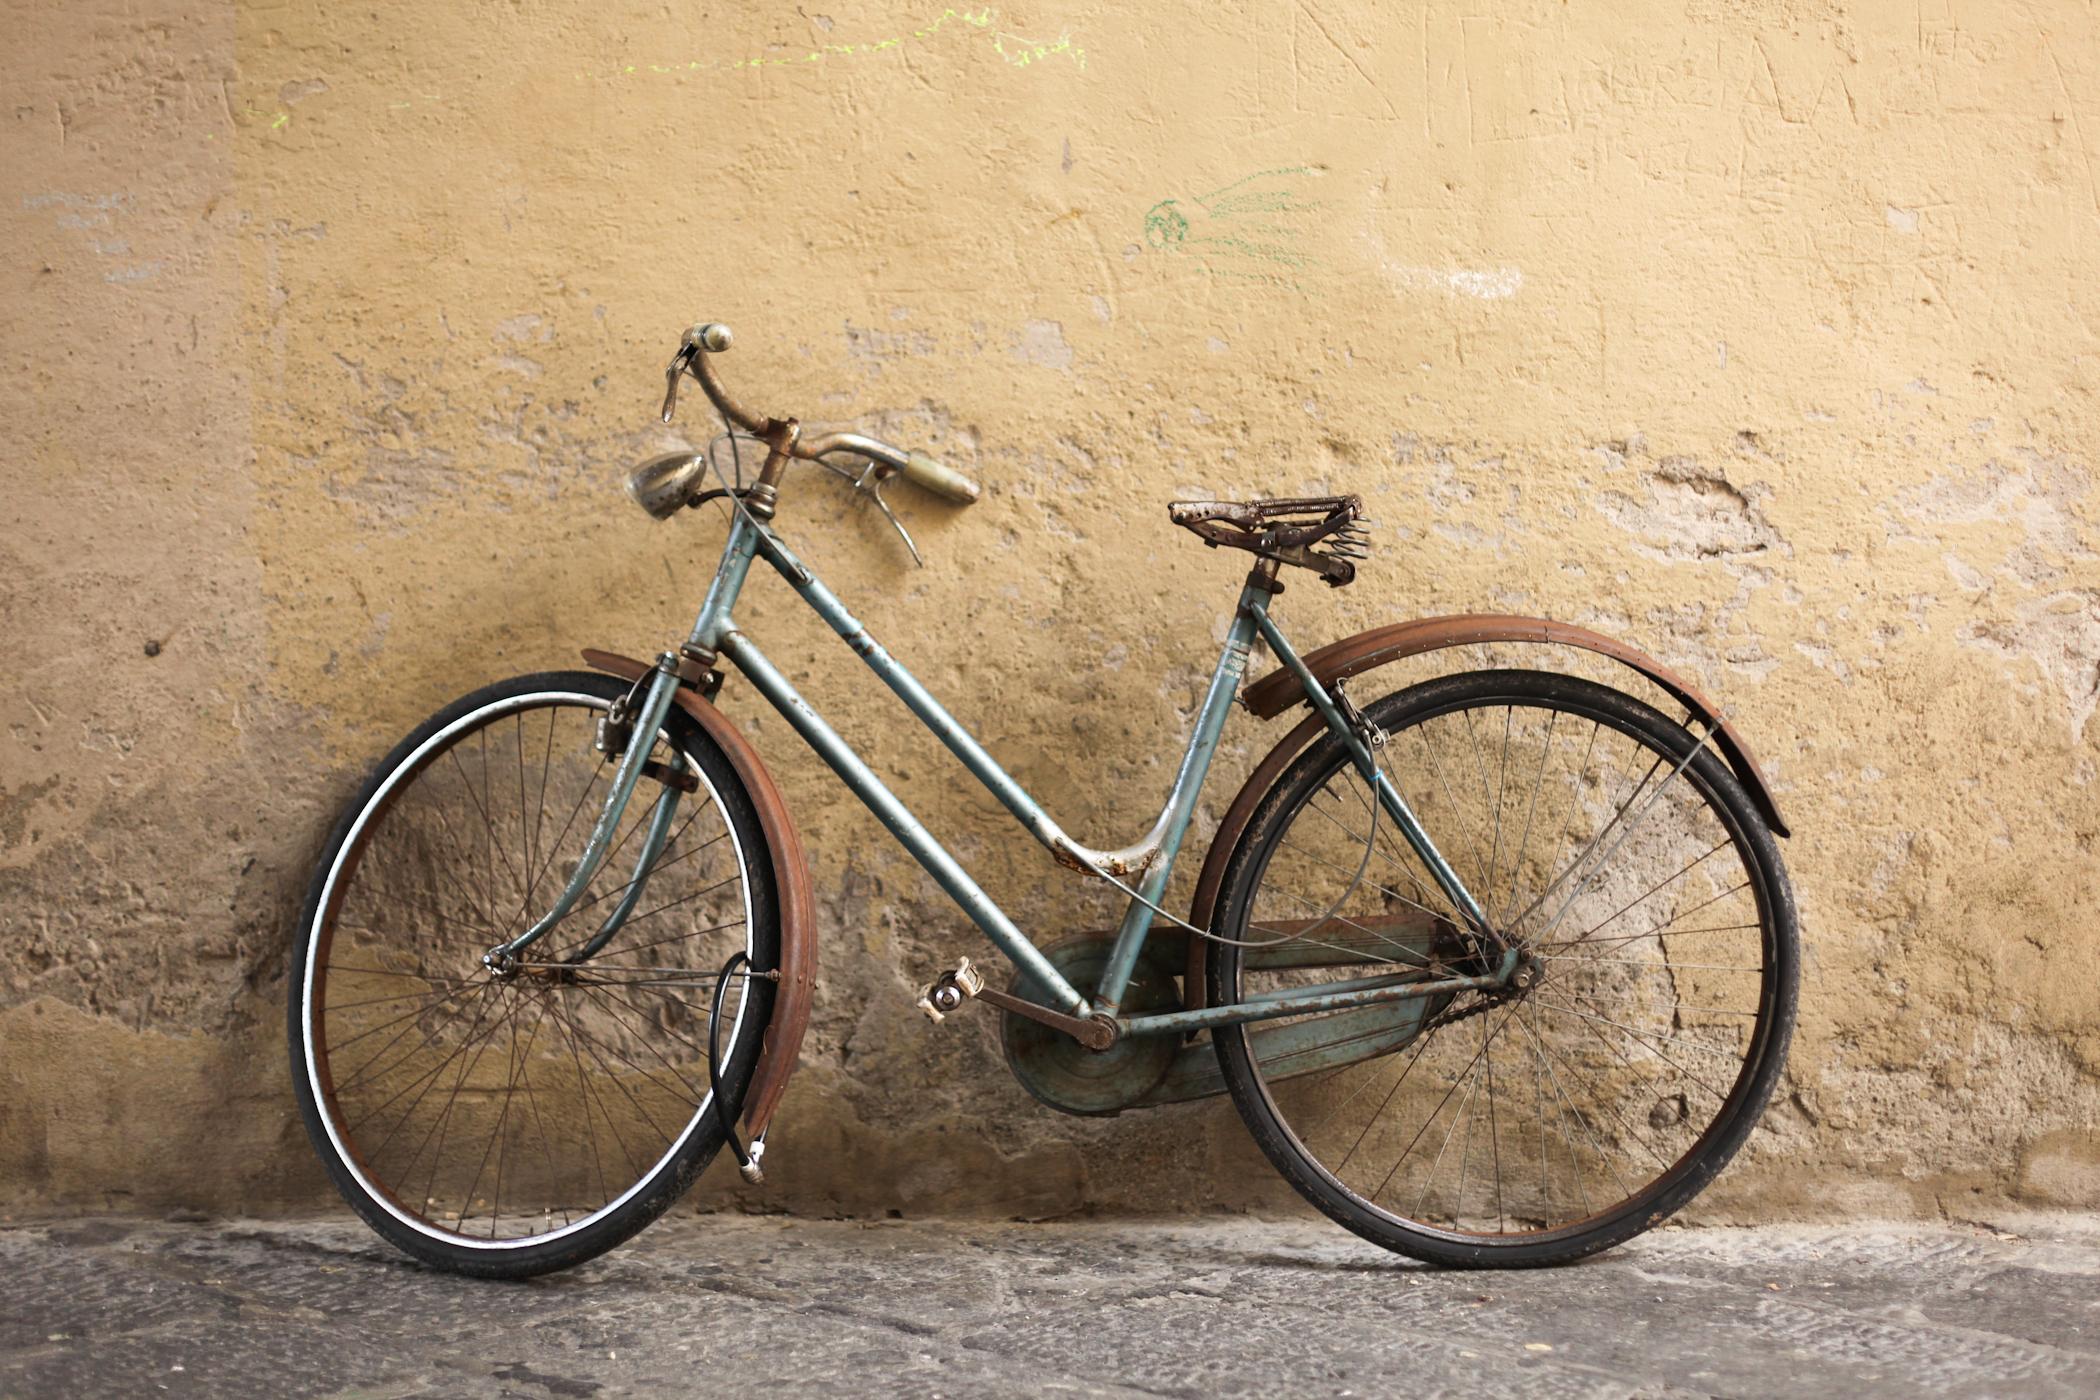 palermo bicicletti di firenze jan15-35.jpg